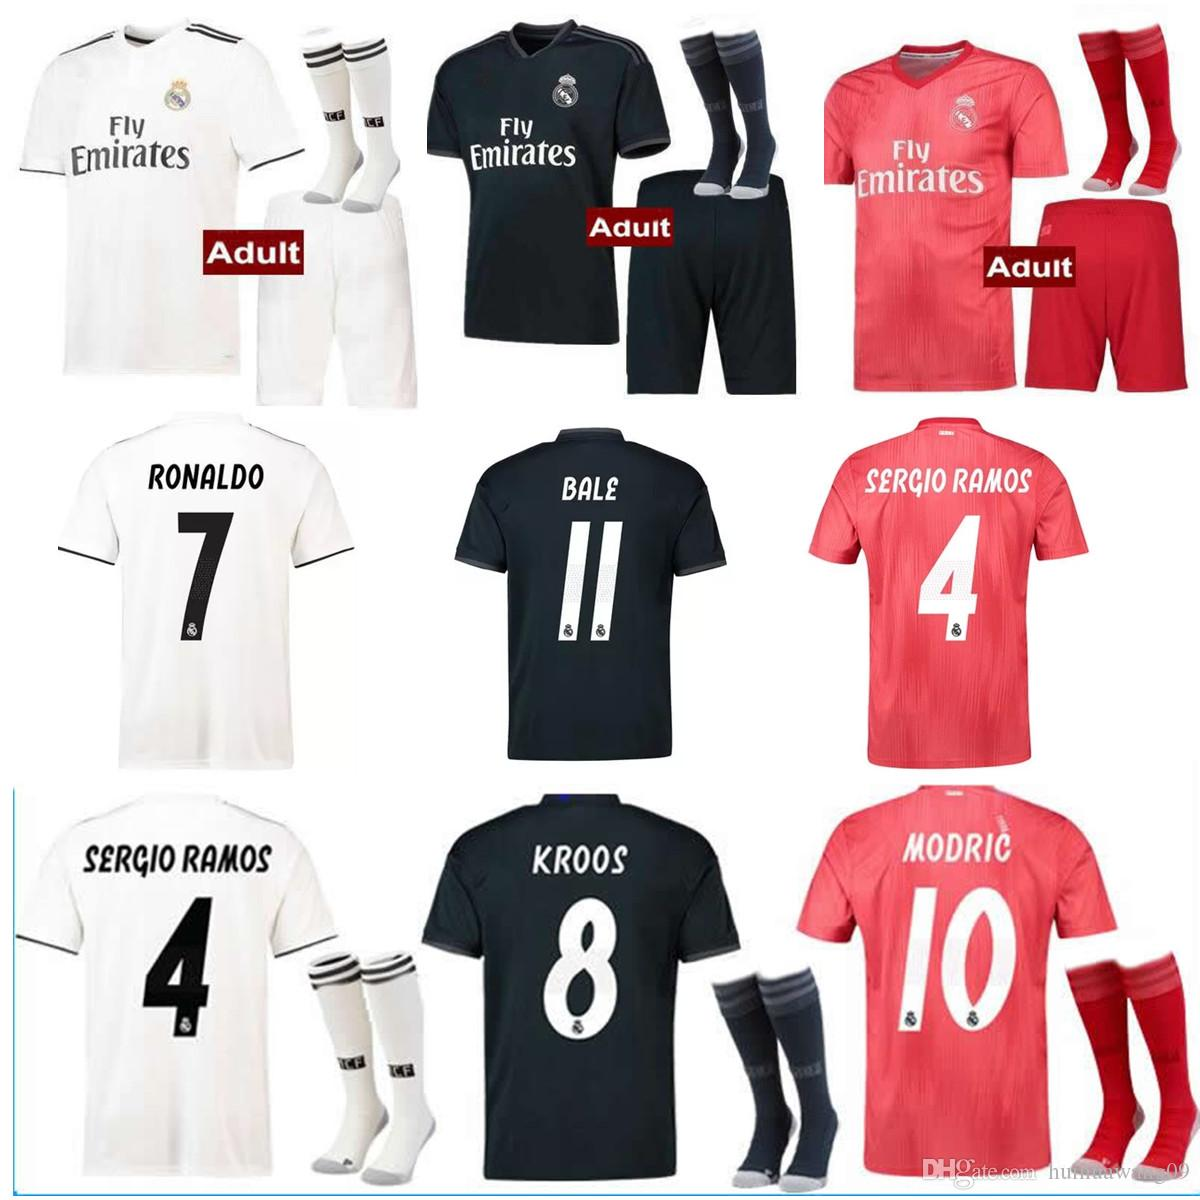 596aea481feaf Compre HOMENS Kits + Meias 18 19 Real Madrid Ronaldo Camisola De Futebol  Terceira Distância 2018 2019 Asensio MODRIC Fardas SERGIO RAMOS ISCO Camisas  De ...